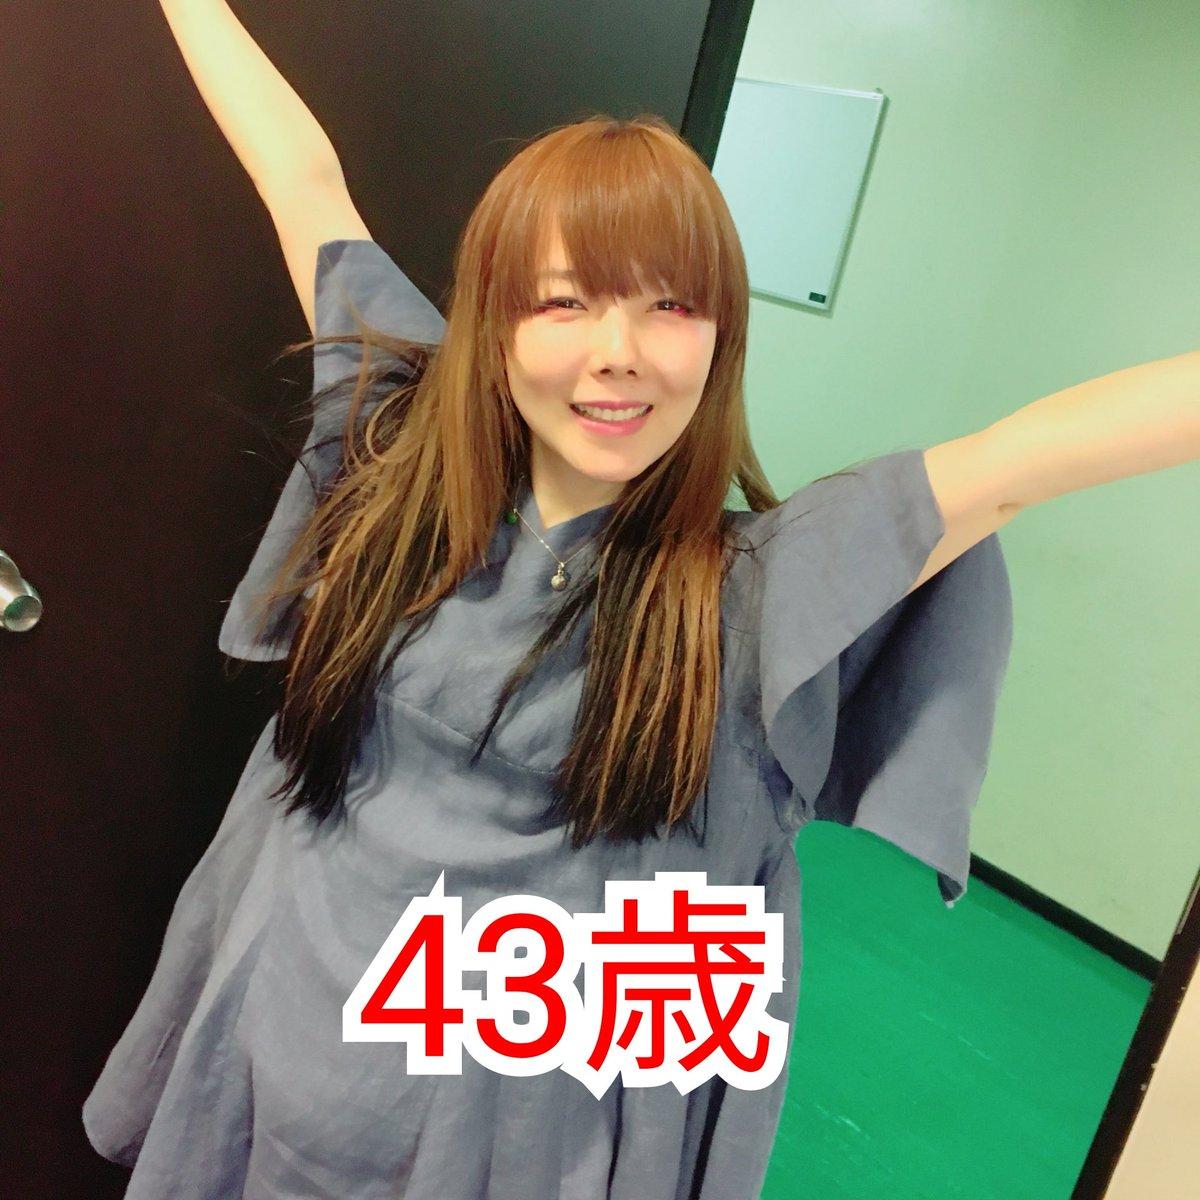 日本の女性アーティストの年齢を聞いてビックリ!!末恐ろしくてヤバいwww